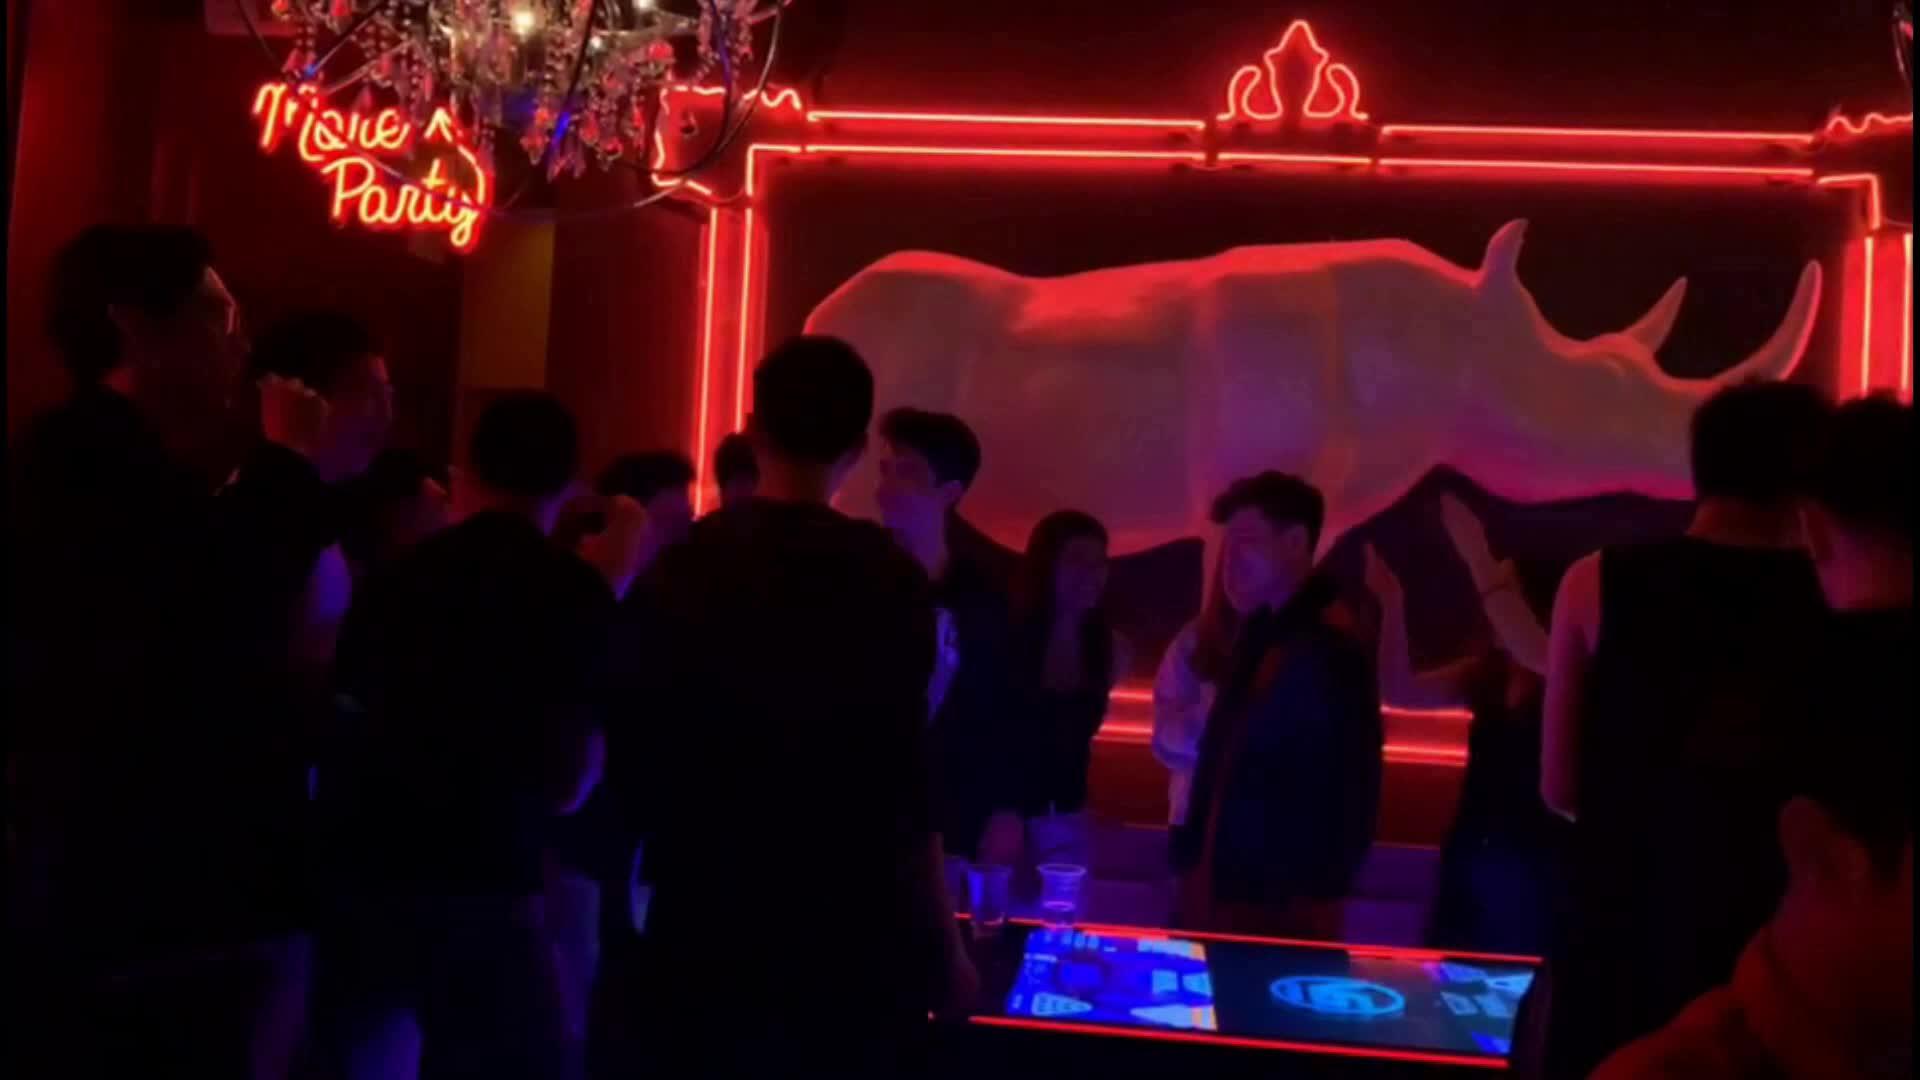 บาร์อิเล็กทรอนิกส์เครื่องเกมอาเขตที่กำหนดเองเบียร์โต๊ะปิงปอง, light up ราคาถูกเบียร์ปิงปองเกมตาราง led เบียร์โต๊ะปิงปอง